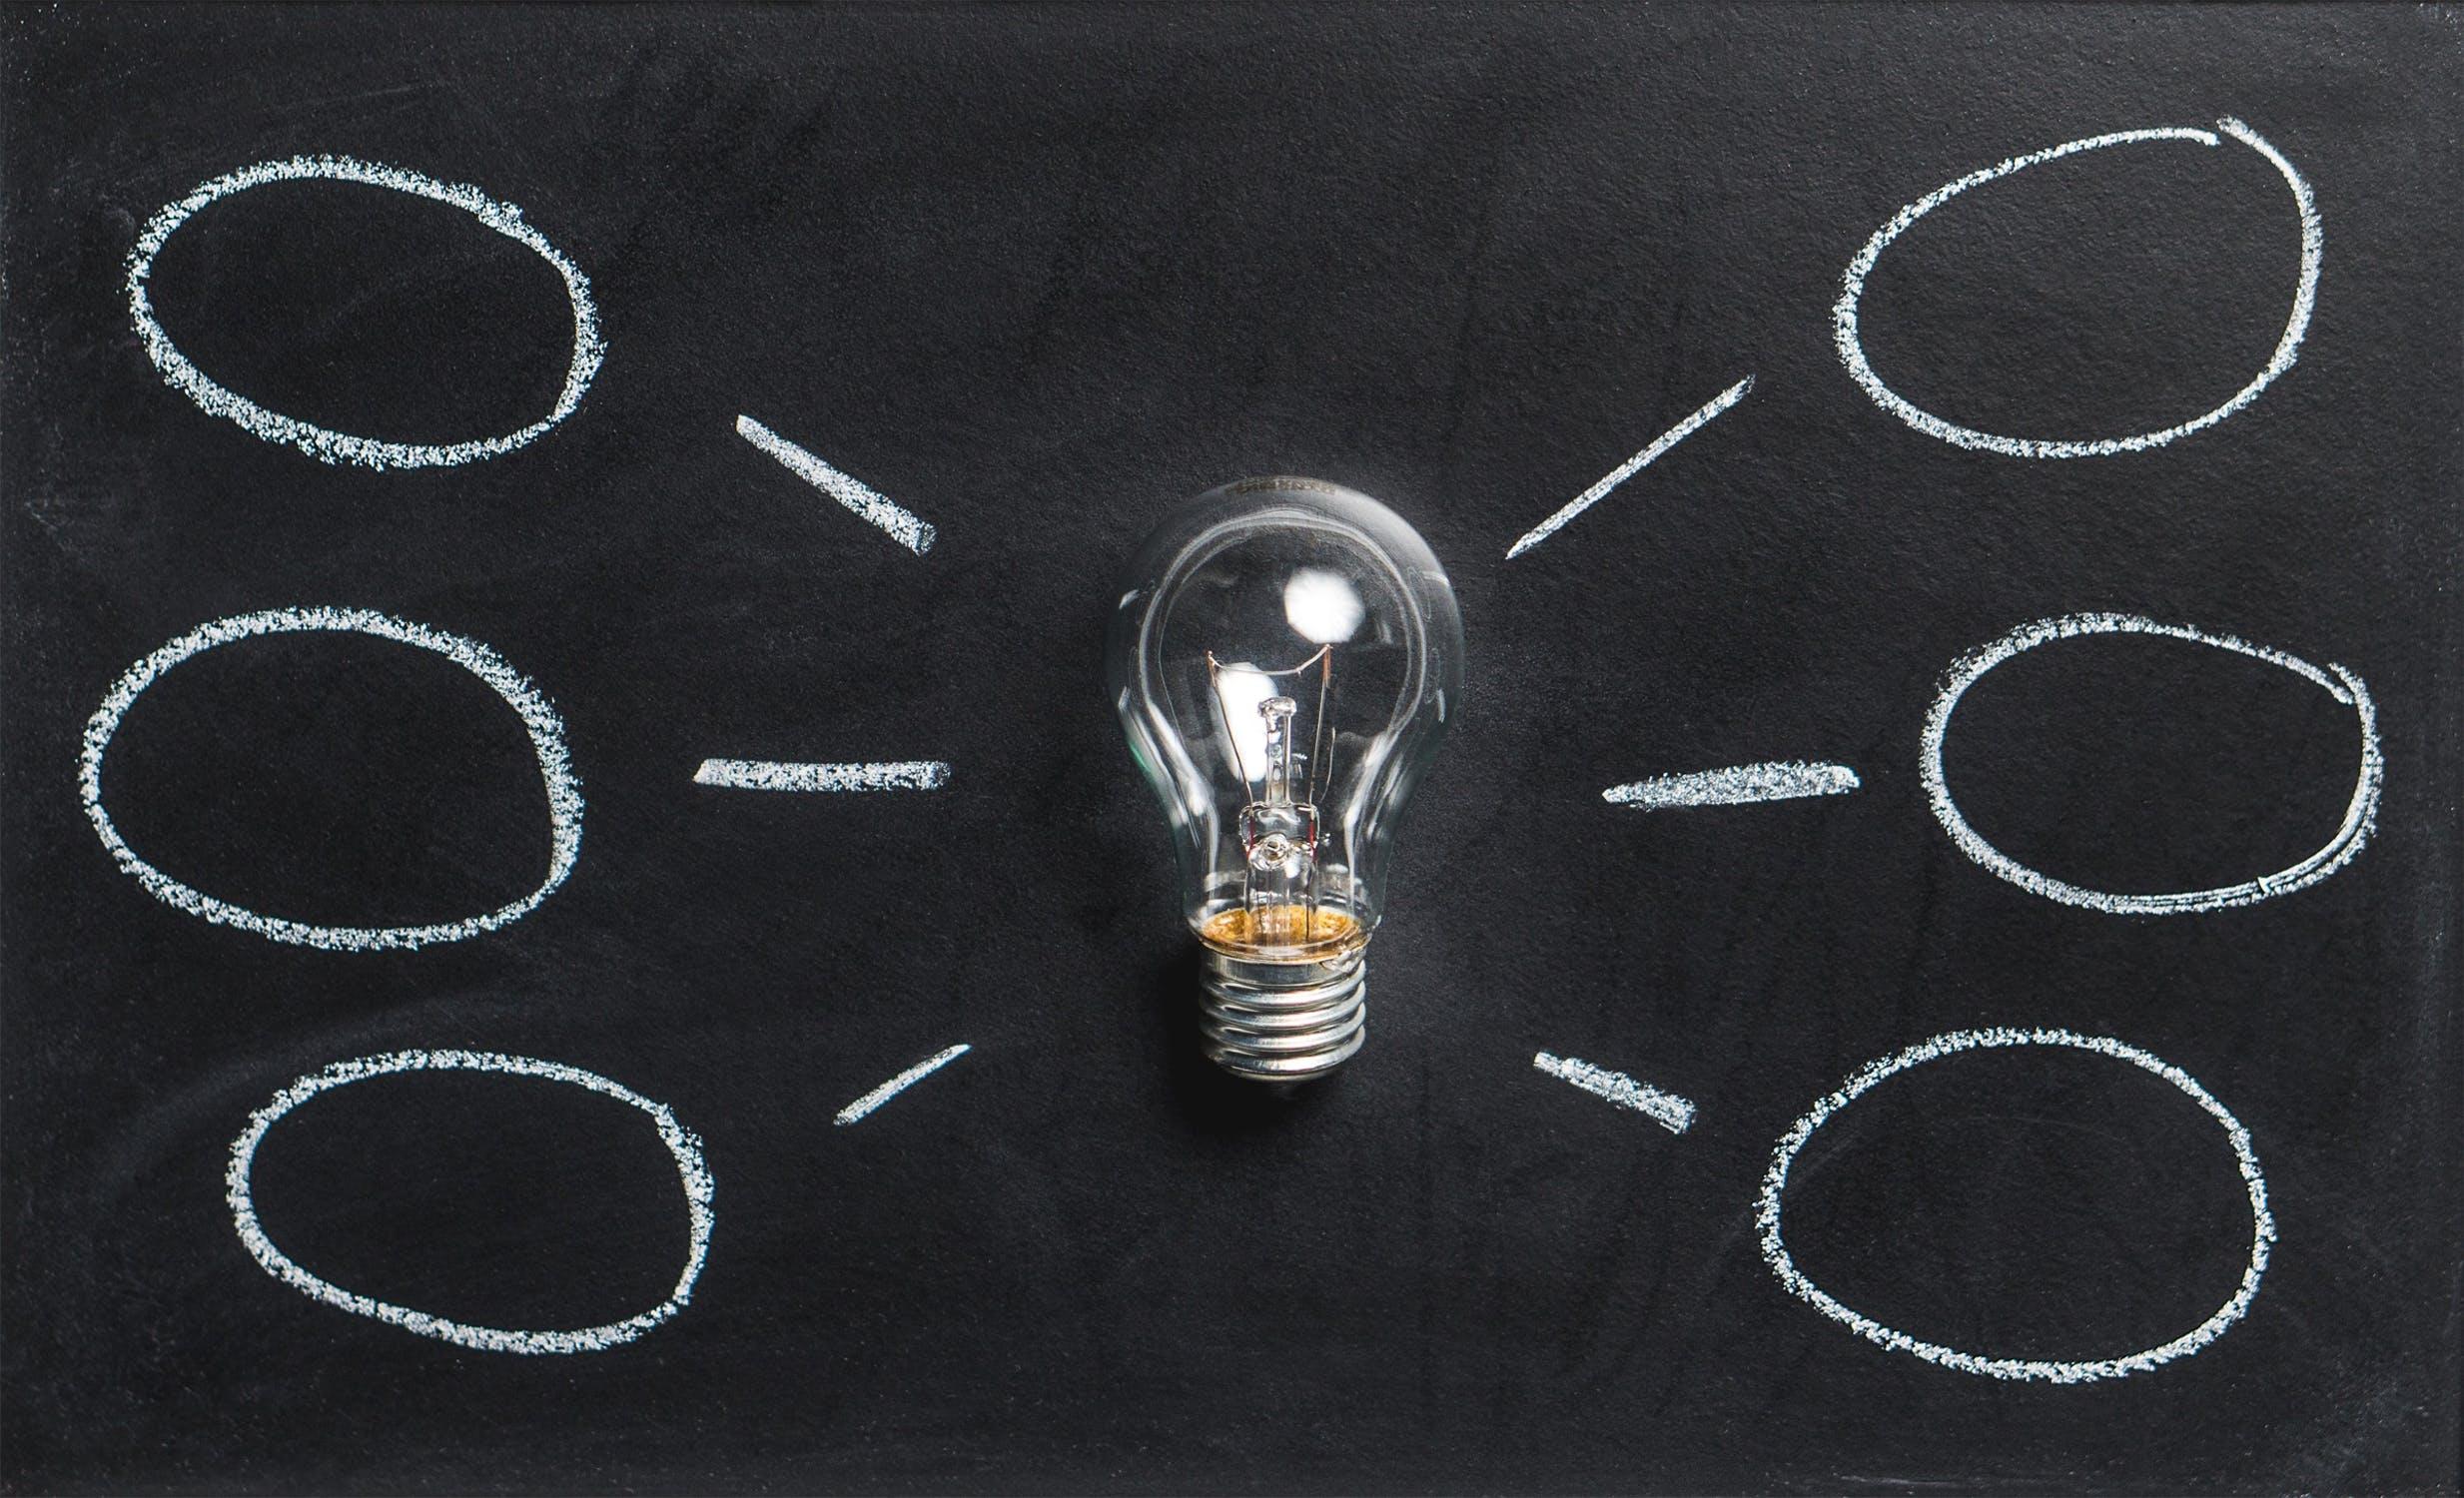 En glödlampa som illustrerar nya idéer